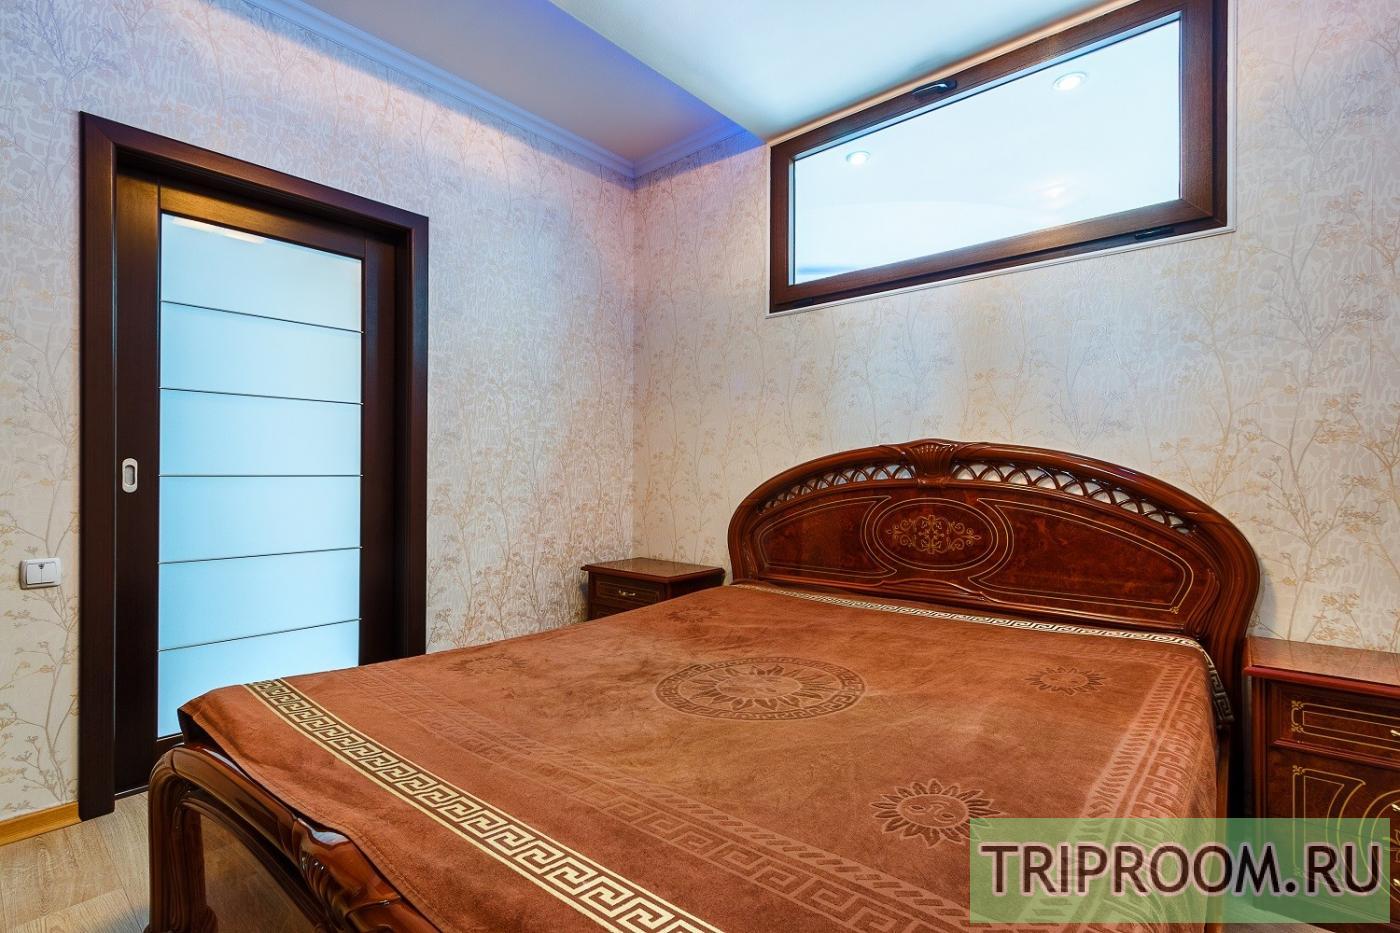 2-комнатная квартира посуточно (вариант № 35498), ул. Лермонтовская улица, фото № 4